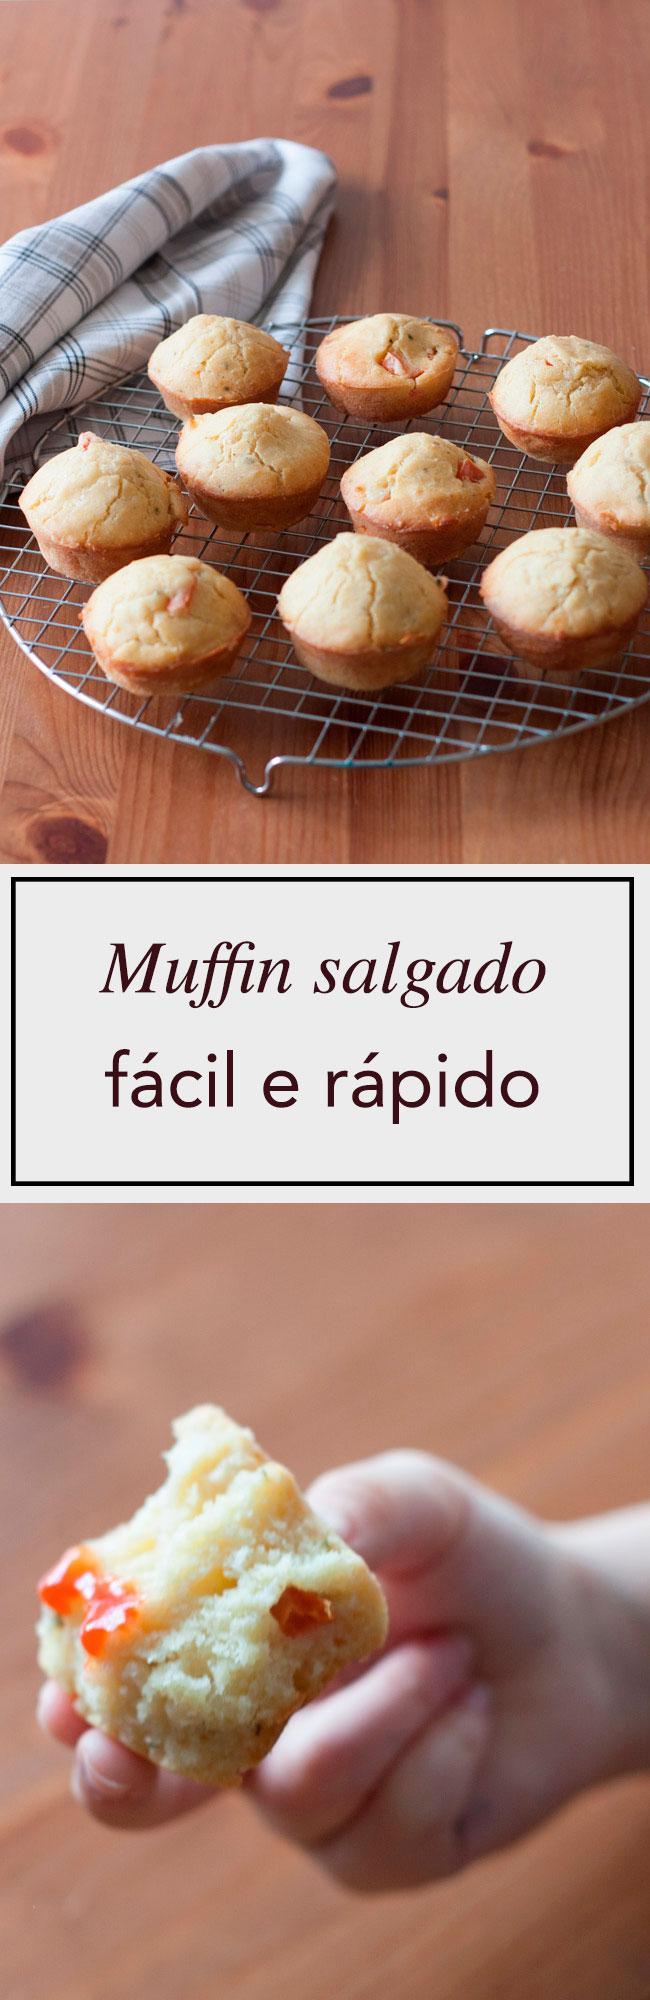 Delicioso muffin salgado fácil e rápido de preparar e super versátil. Perfeito para um lanche ou refeição leve.